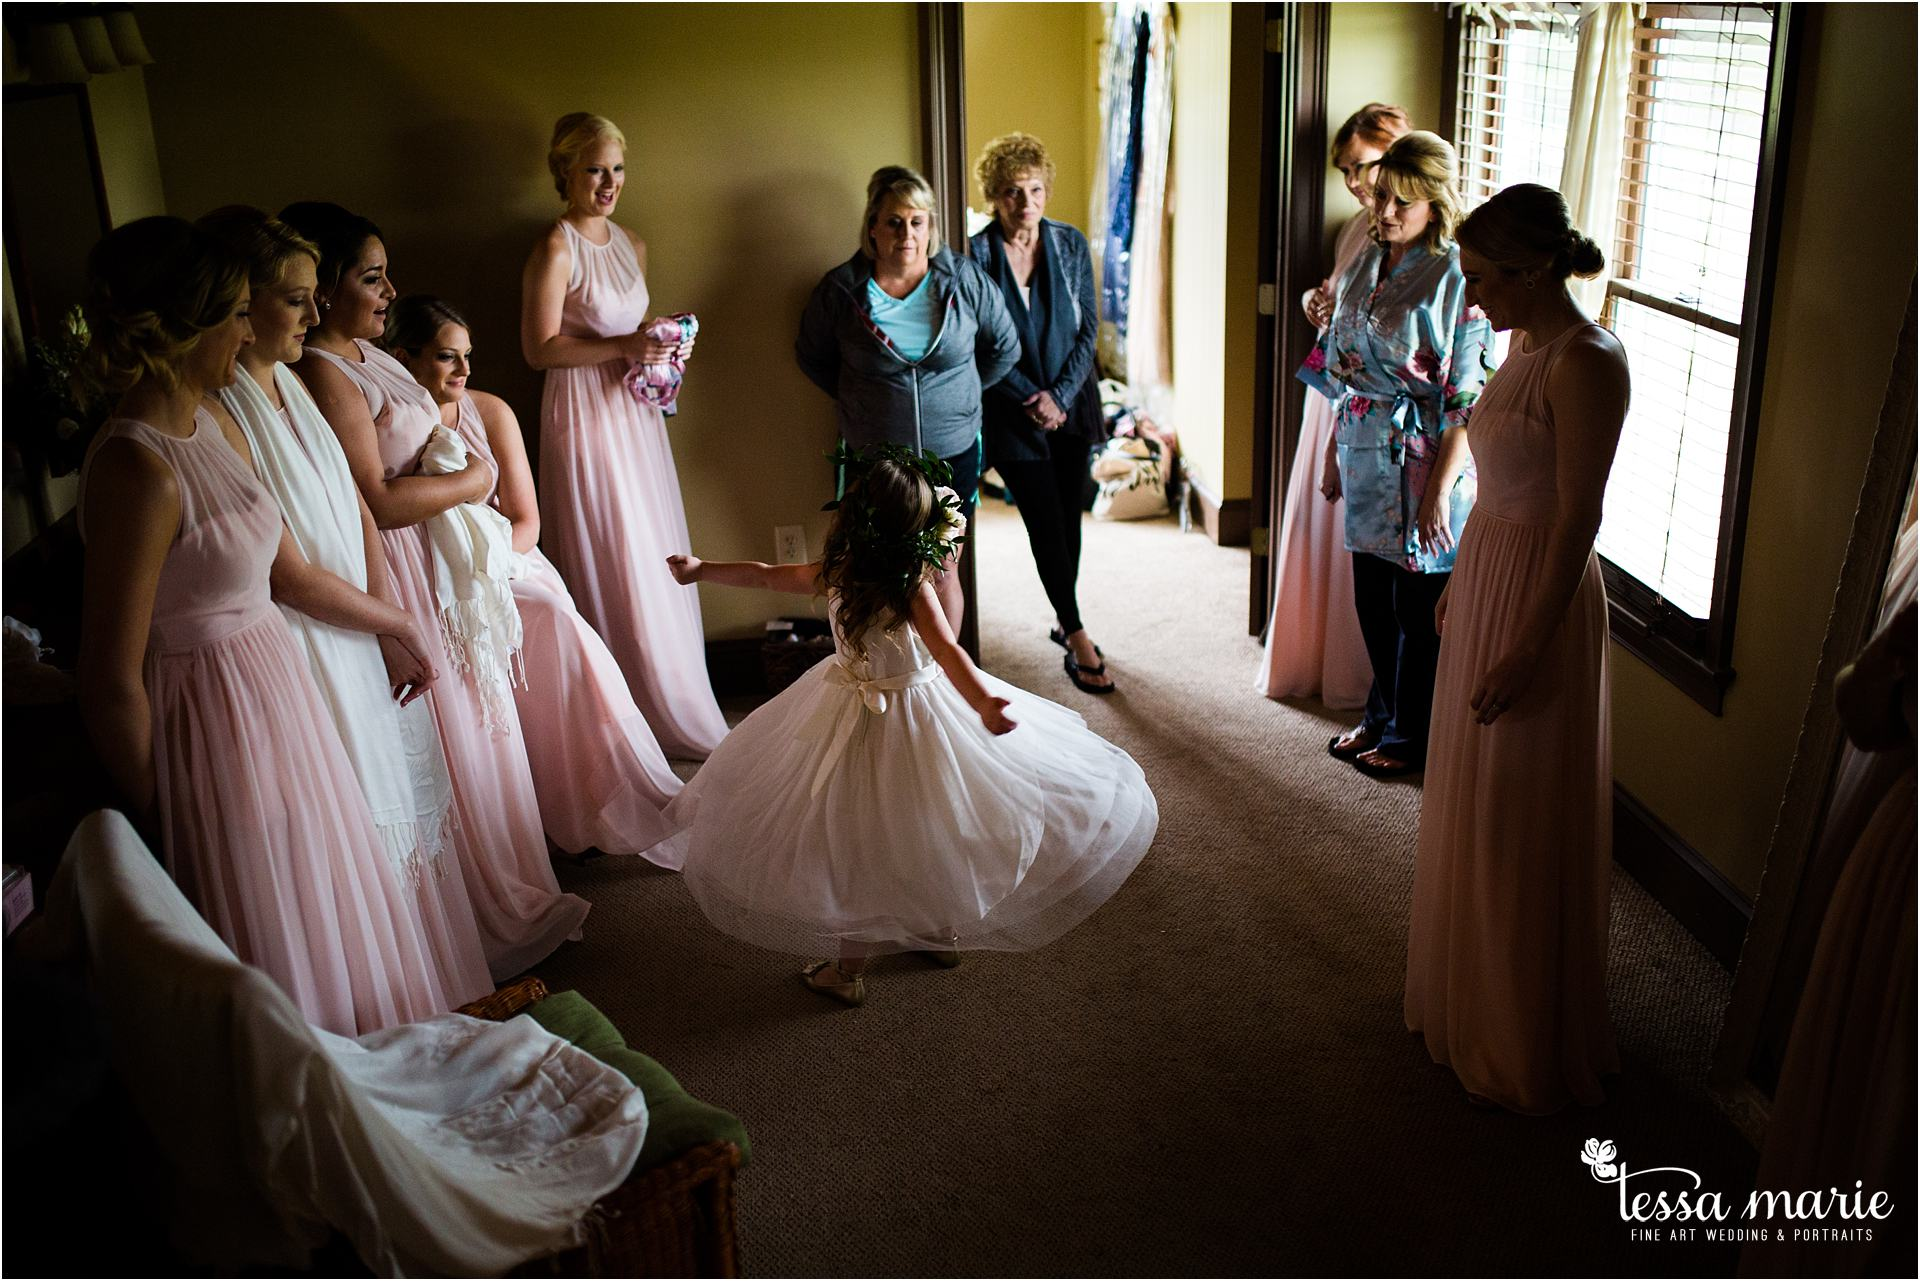 032216_brittany_kevin_wedding-14